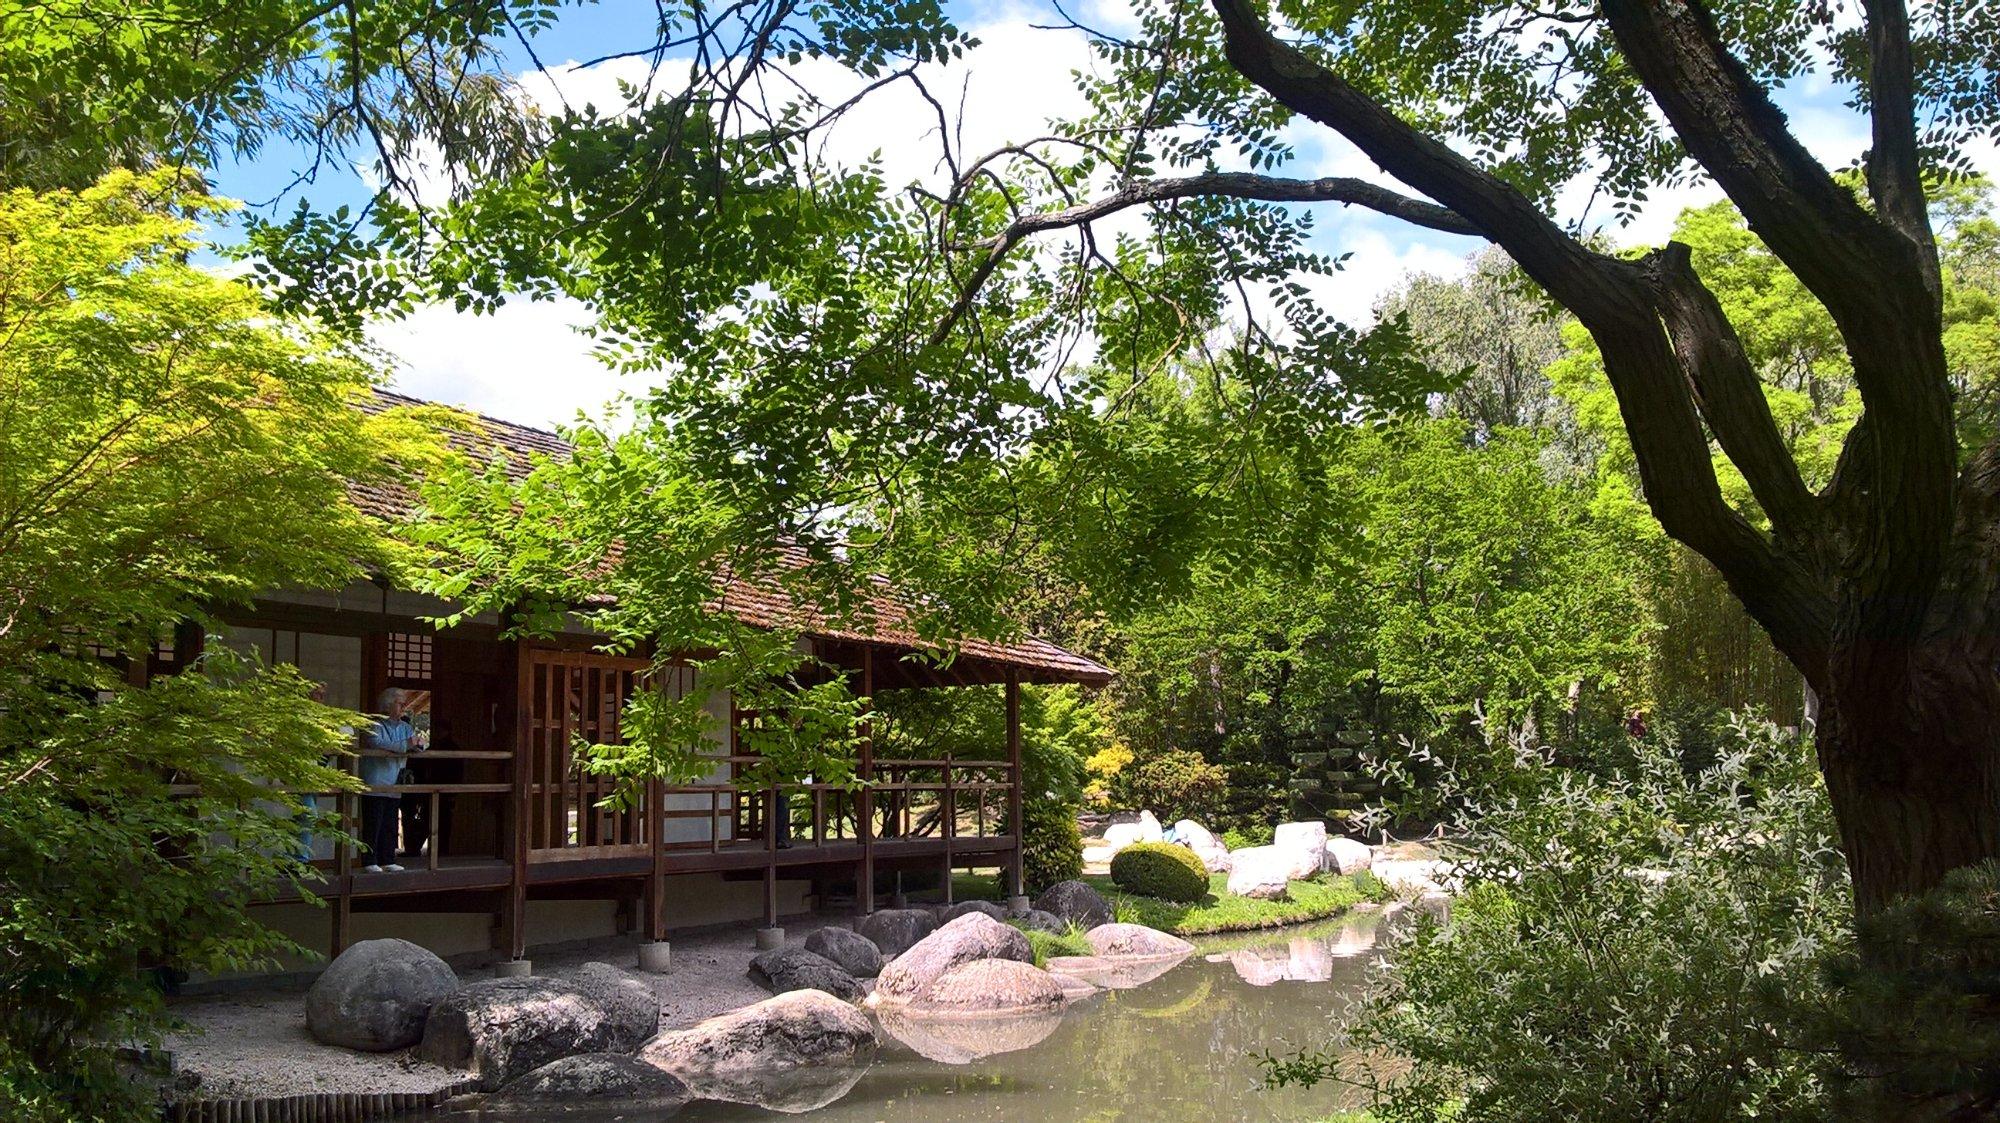 Jardin japonais toulouse ce qu 39 il faut savoir for O jardin gourmand toulouse